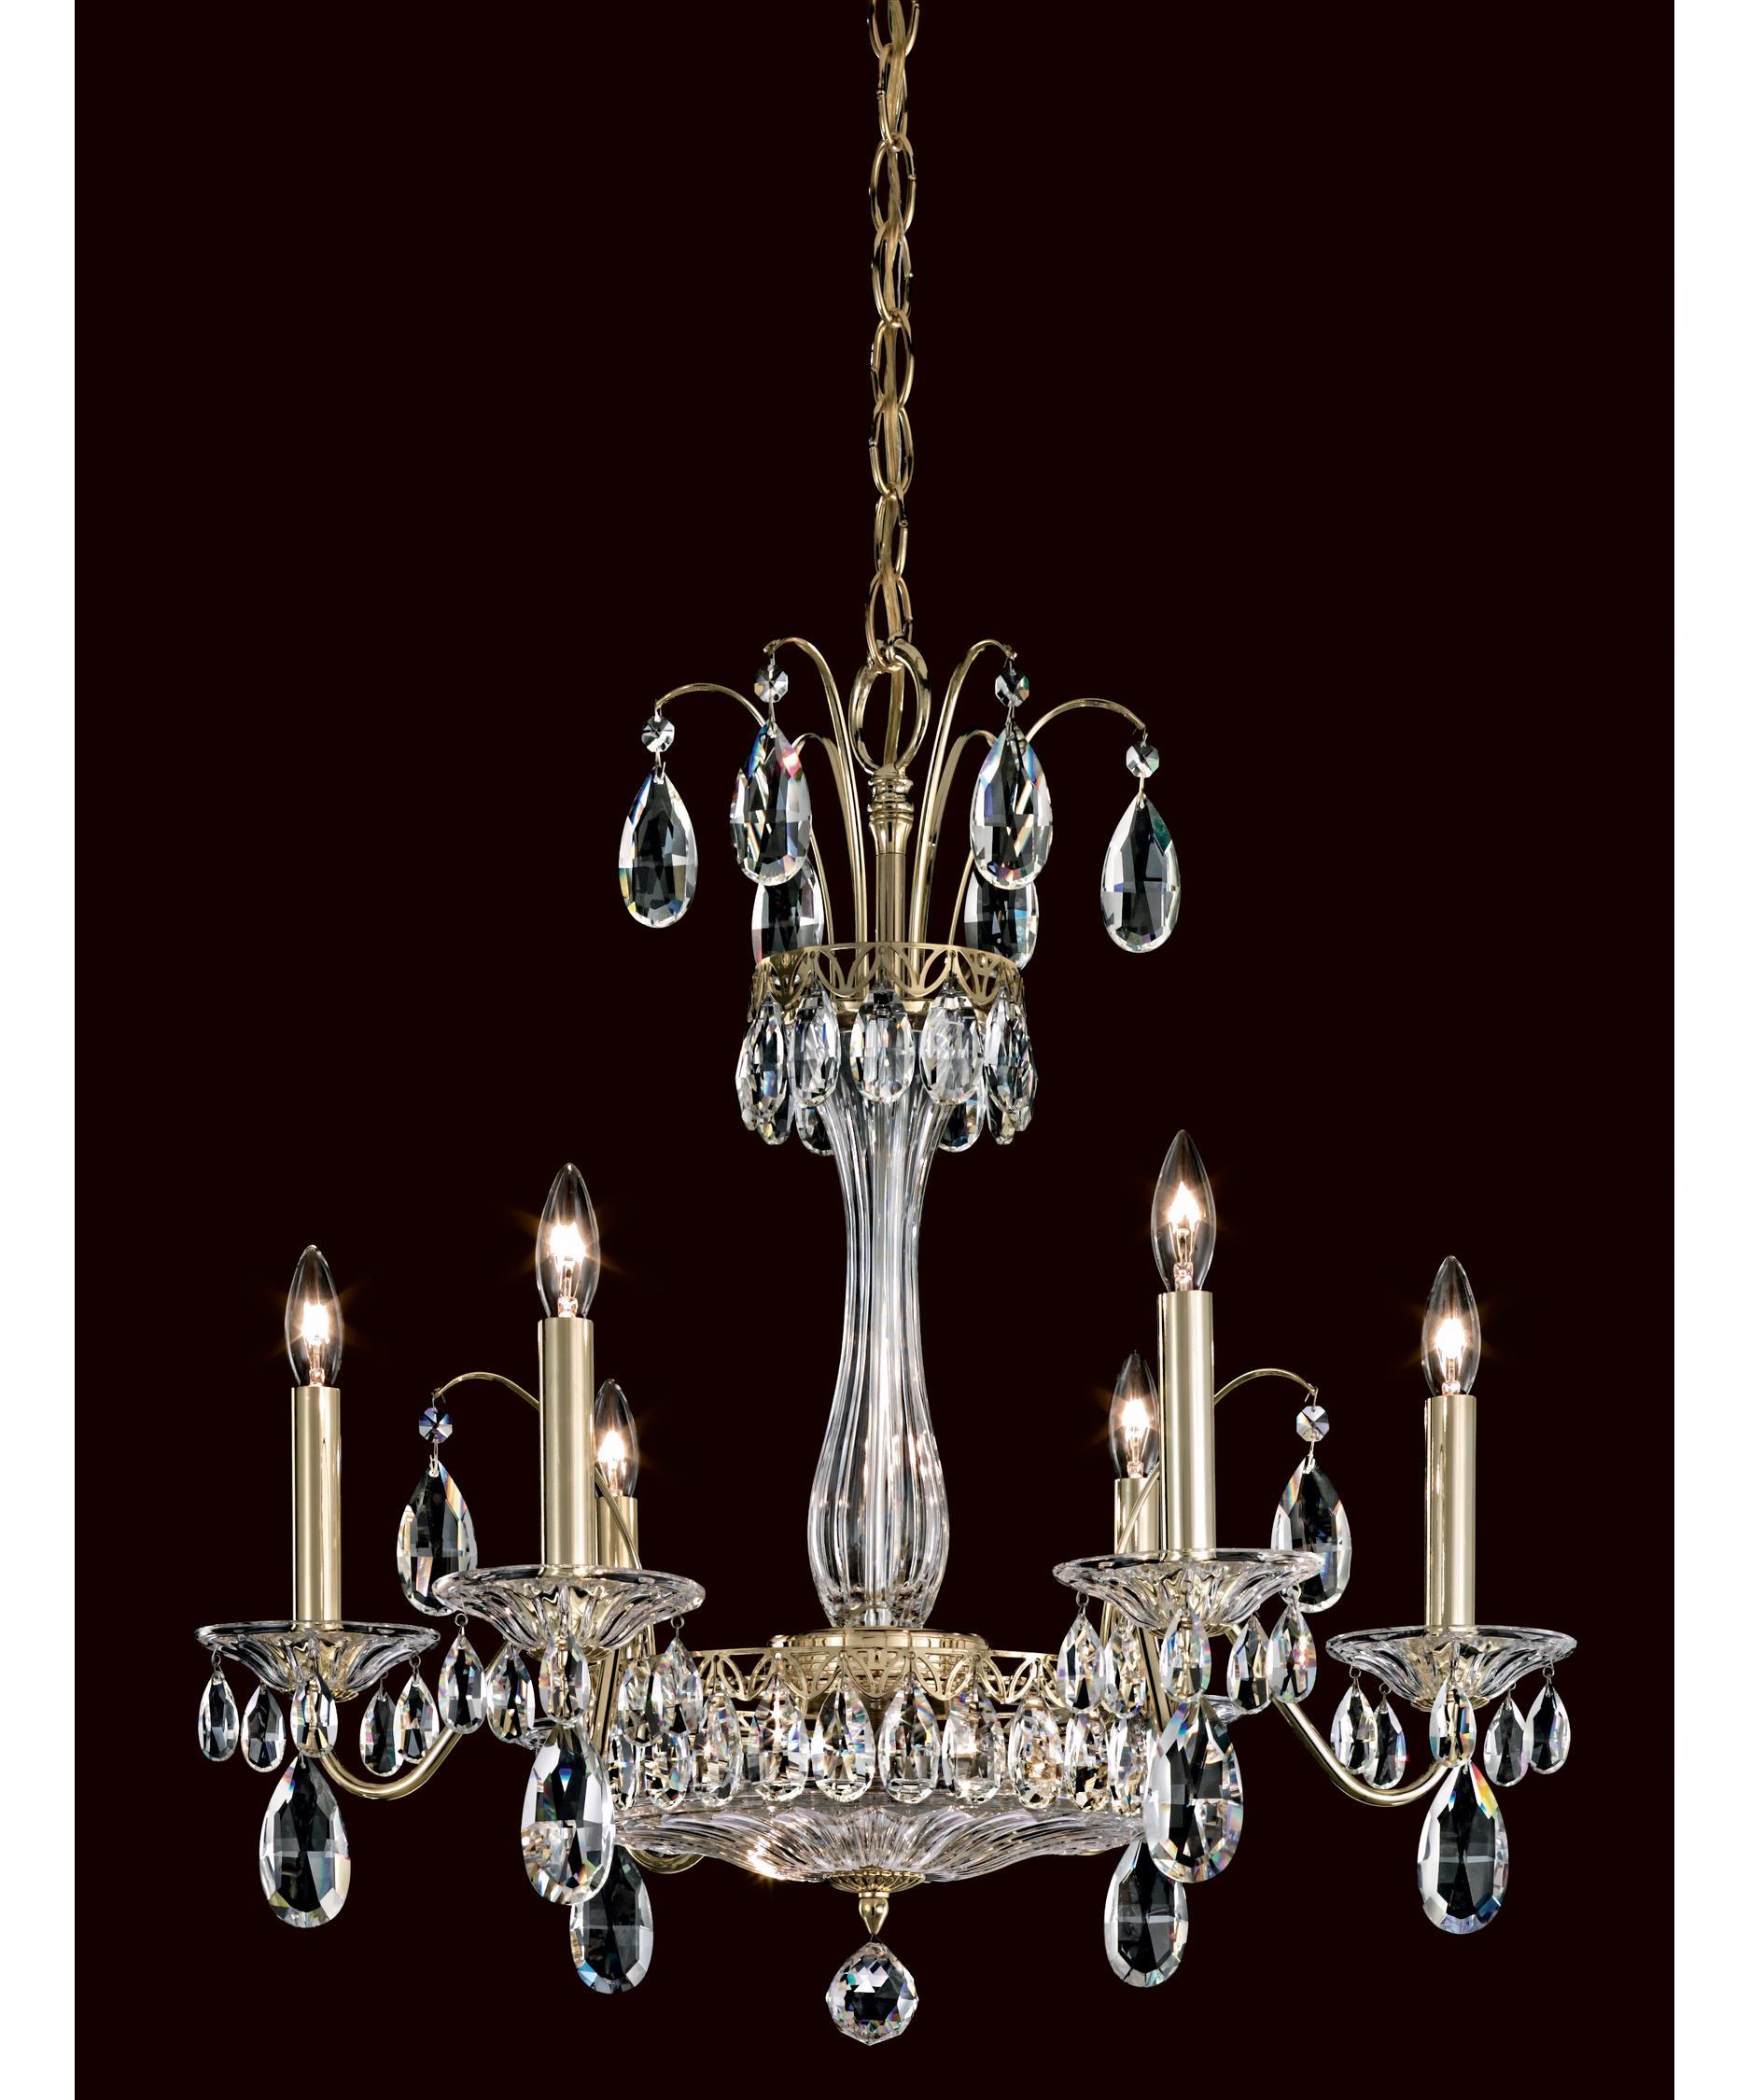 schonbek fl7706 fontana luce 24 inch wide 8 light chandelier capitol lighting - Schonbek